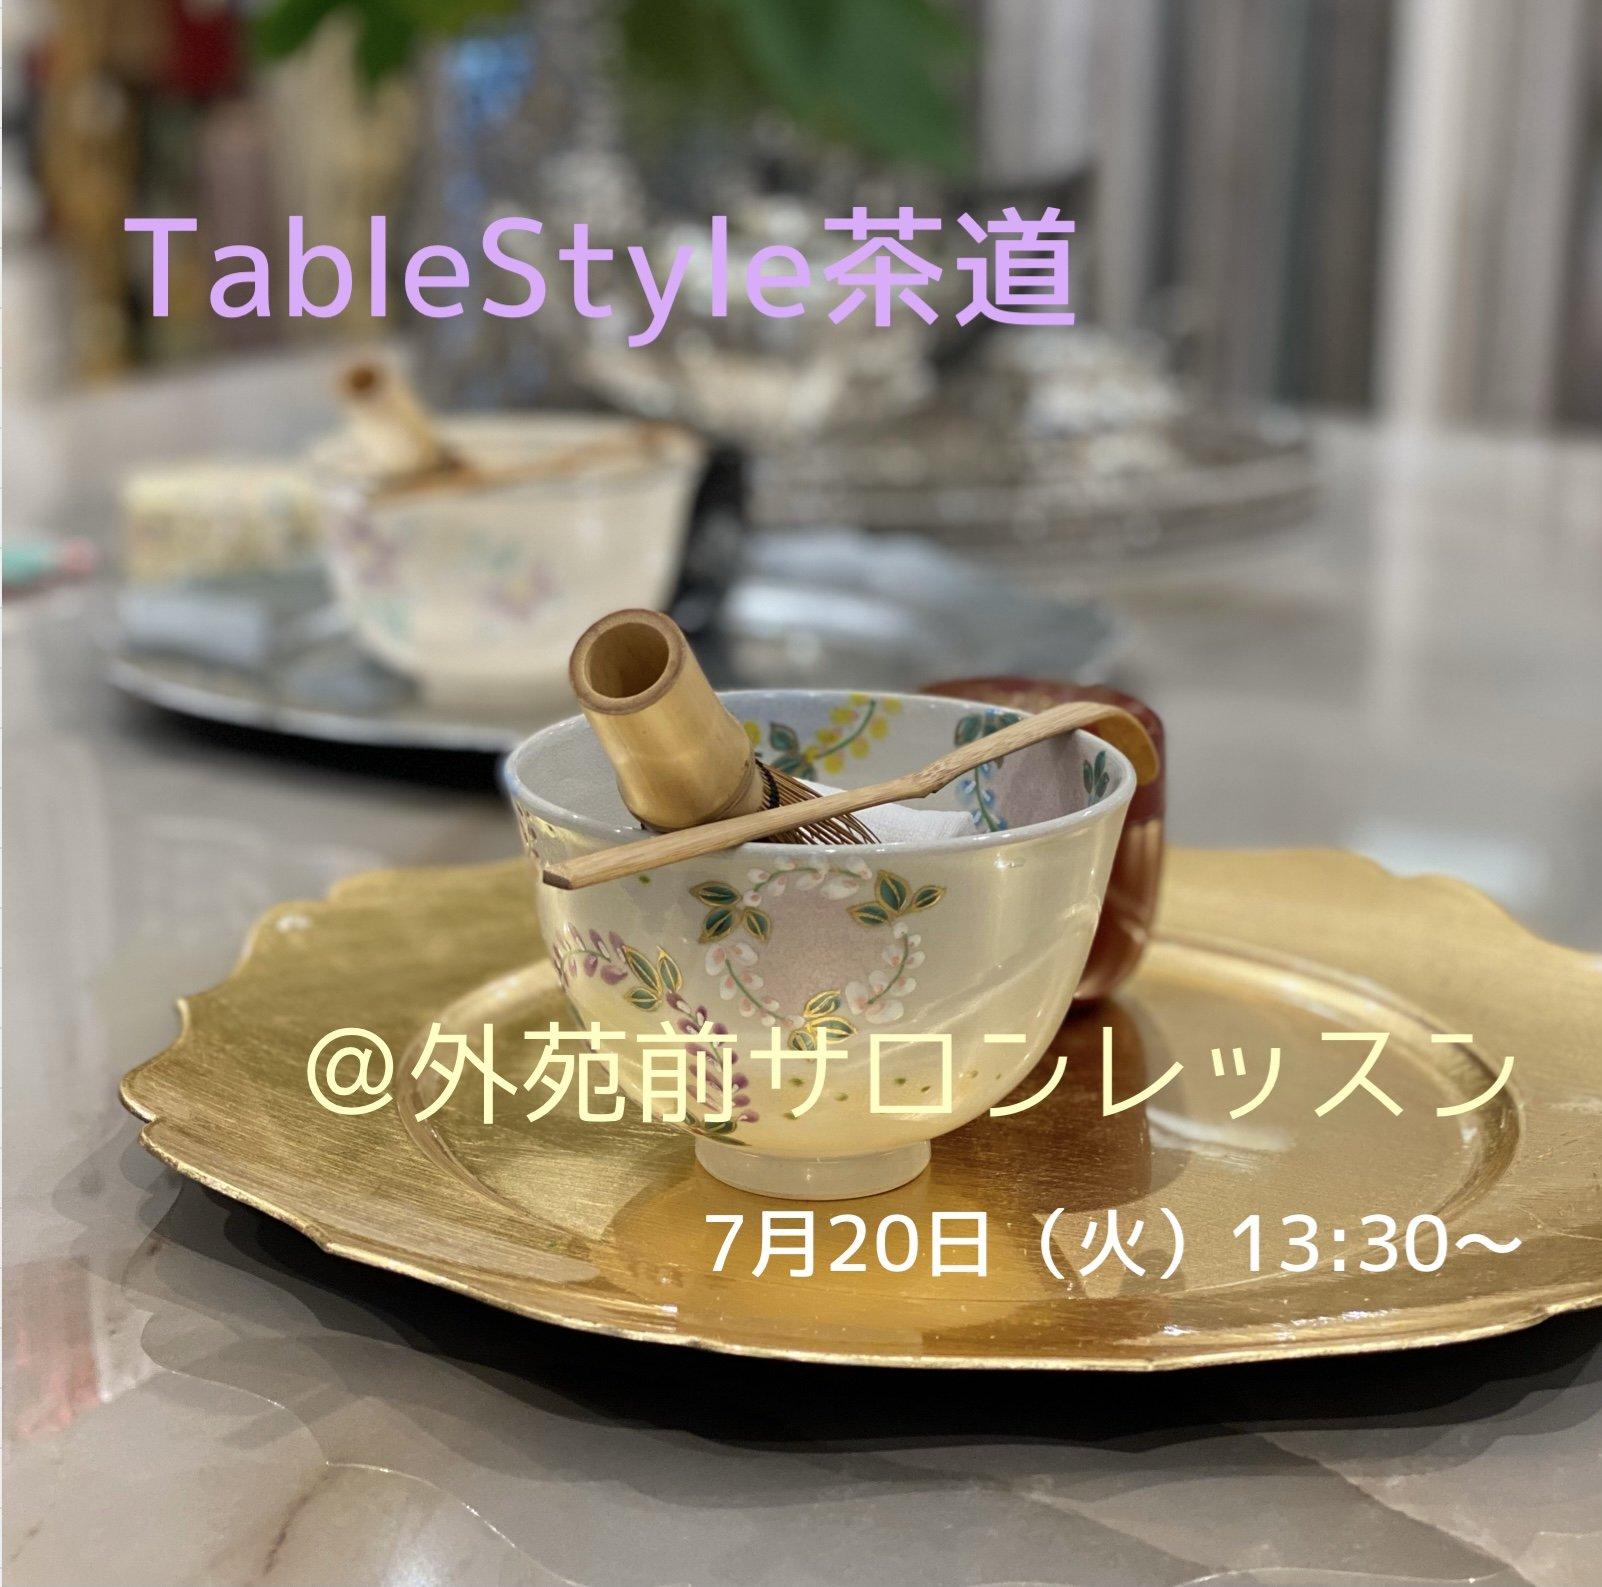 7/20  外苑前【テーブルスタイル茶道体験】@モンルーベ ショールームサロンのイメージその1